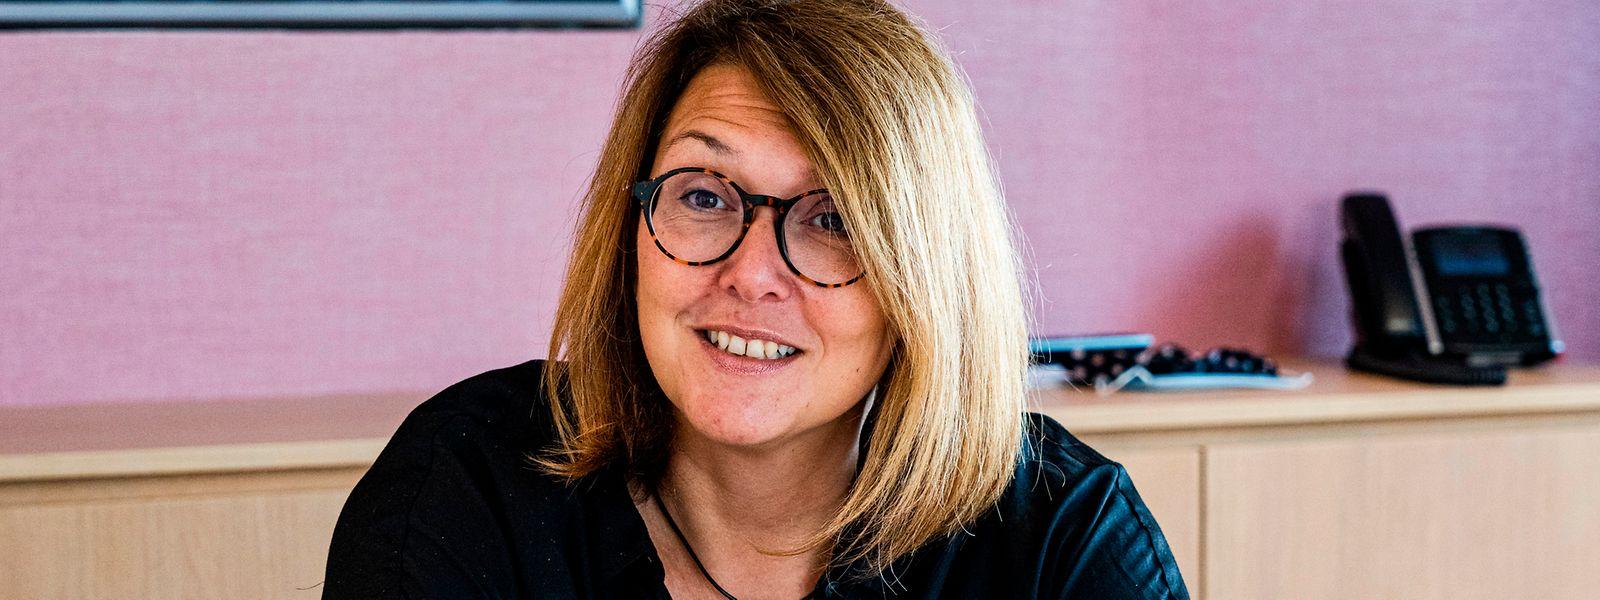 Pascale Hansen (46) unterstreicht, dass auch nach einer Fusion der fünf Nordstadgemeinden in jeder der früheren Kommunen eine Außenstelle und somit die Nähe zum Bürger erhalten bleibt.